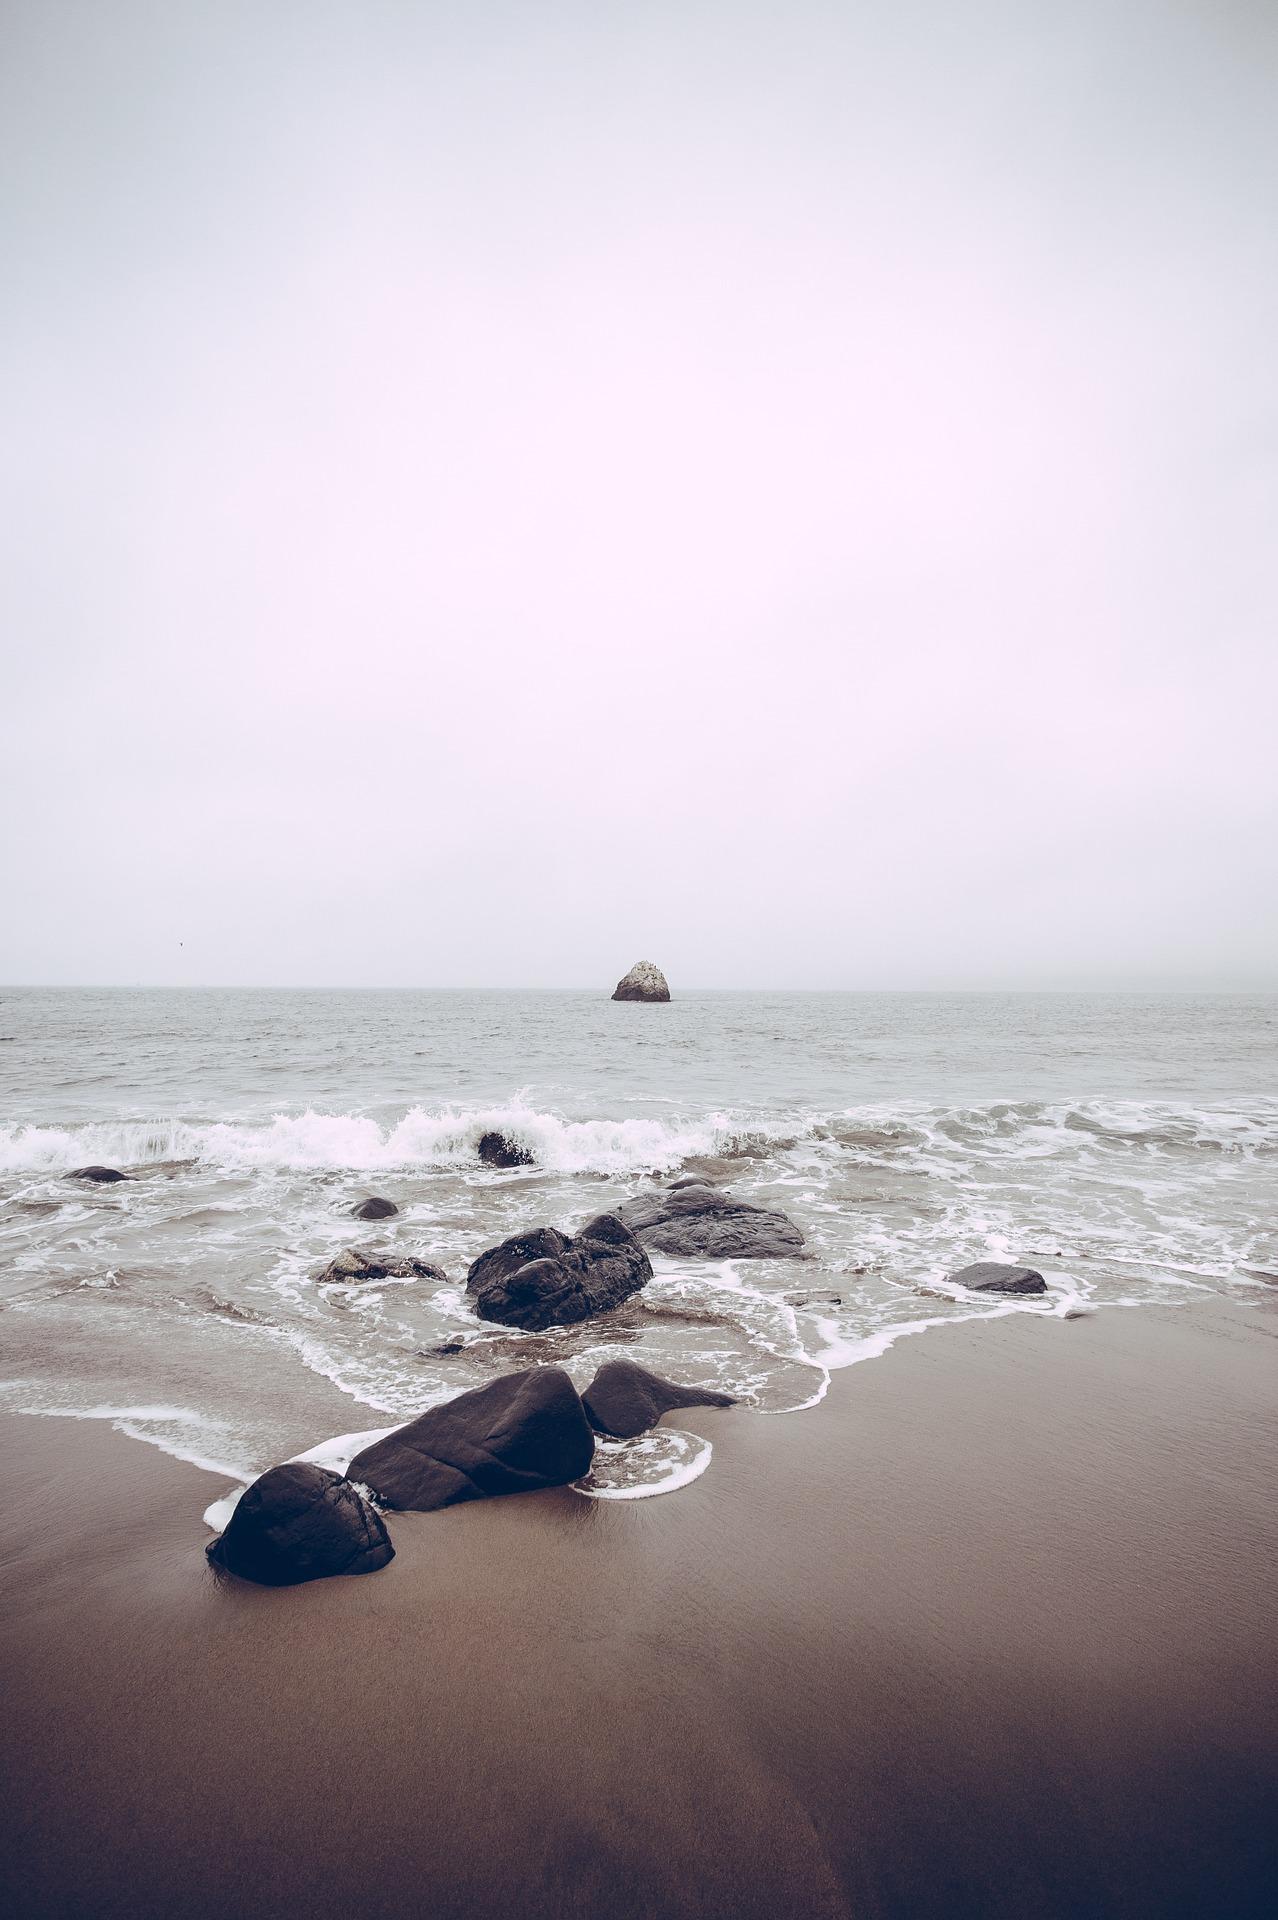 समुद्र तट, पत्थर, लहरें, आराम, ग्रीष्मकालीन - HD वॉलपेपर - प्रोफेसर-falken.com